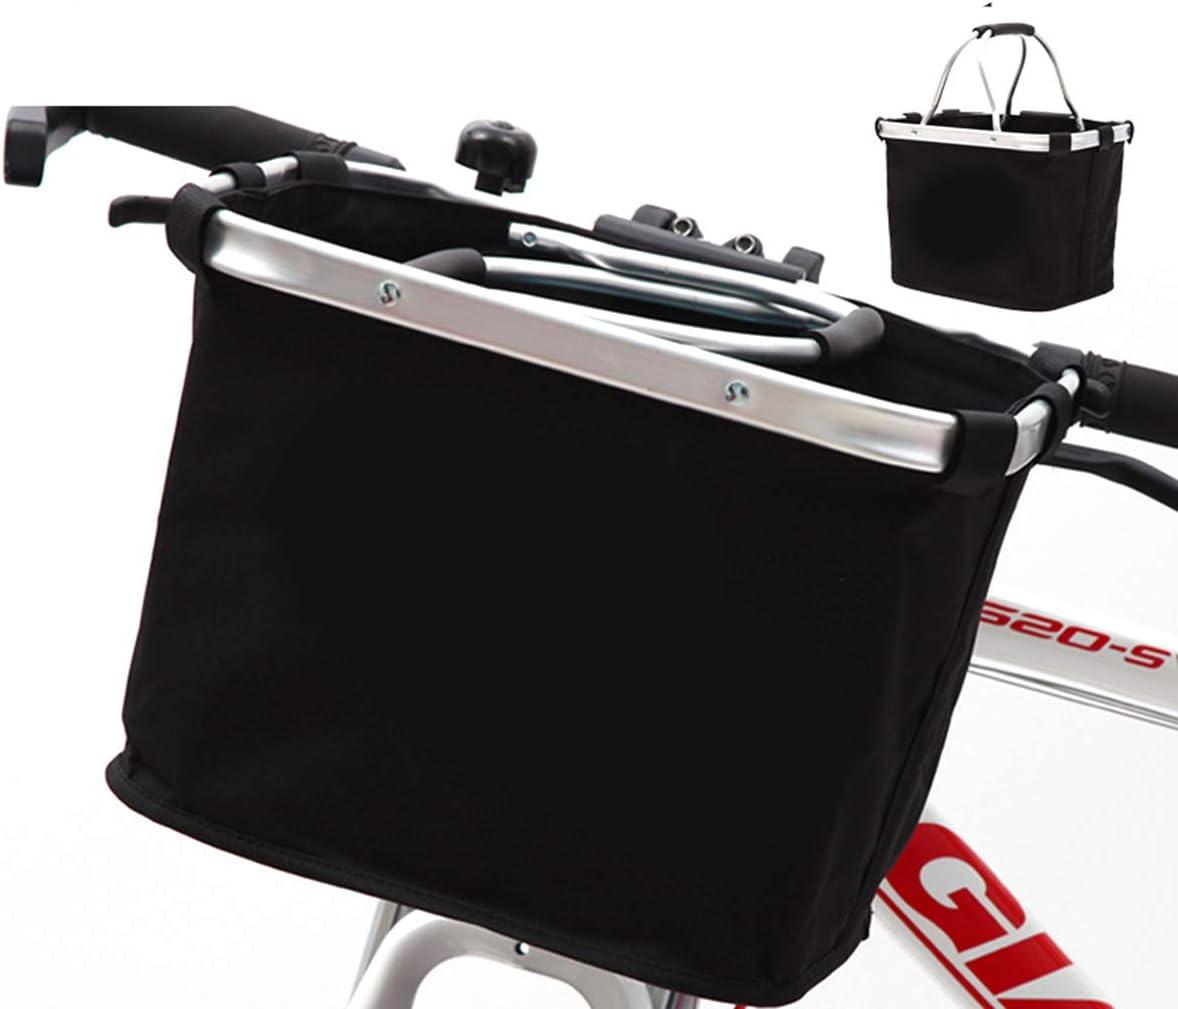 DaMohony Cestino per Bicicletta Cestino per Bicicletta Manubrio Cestino per Bicicletta Pieghevole